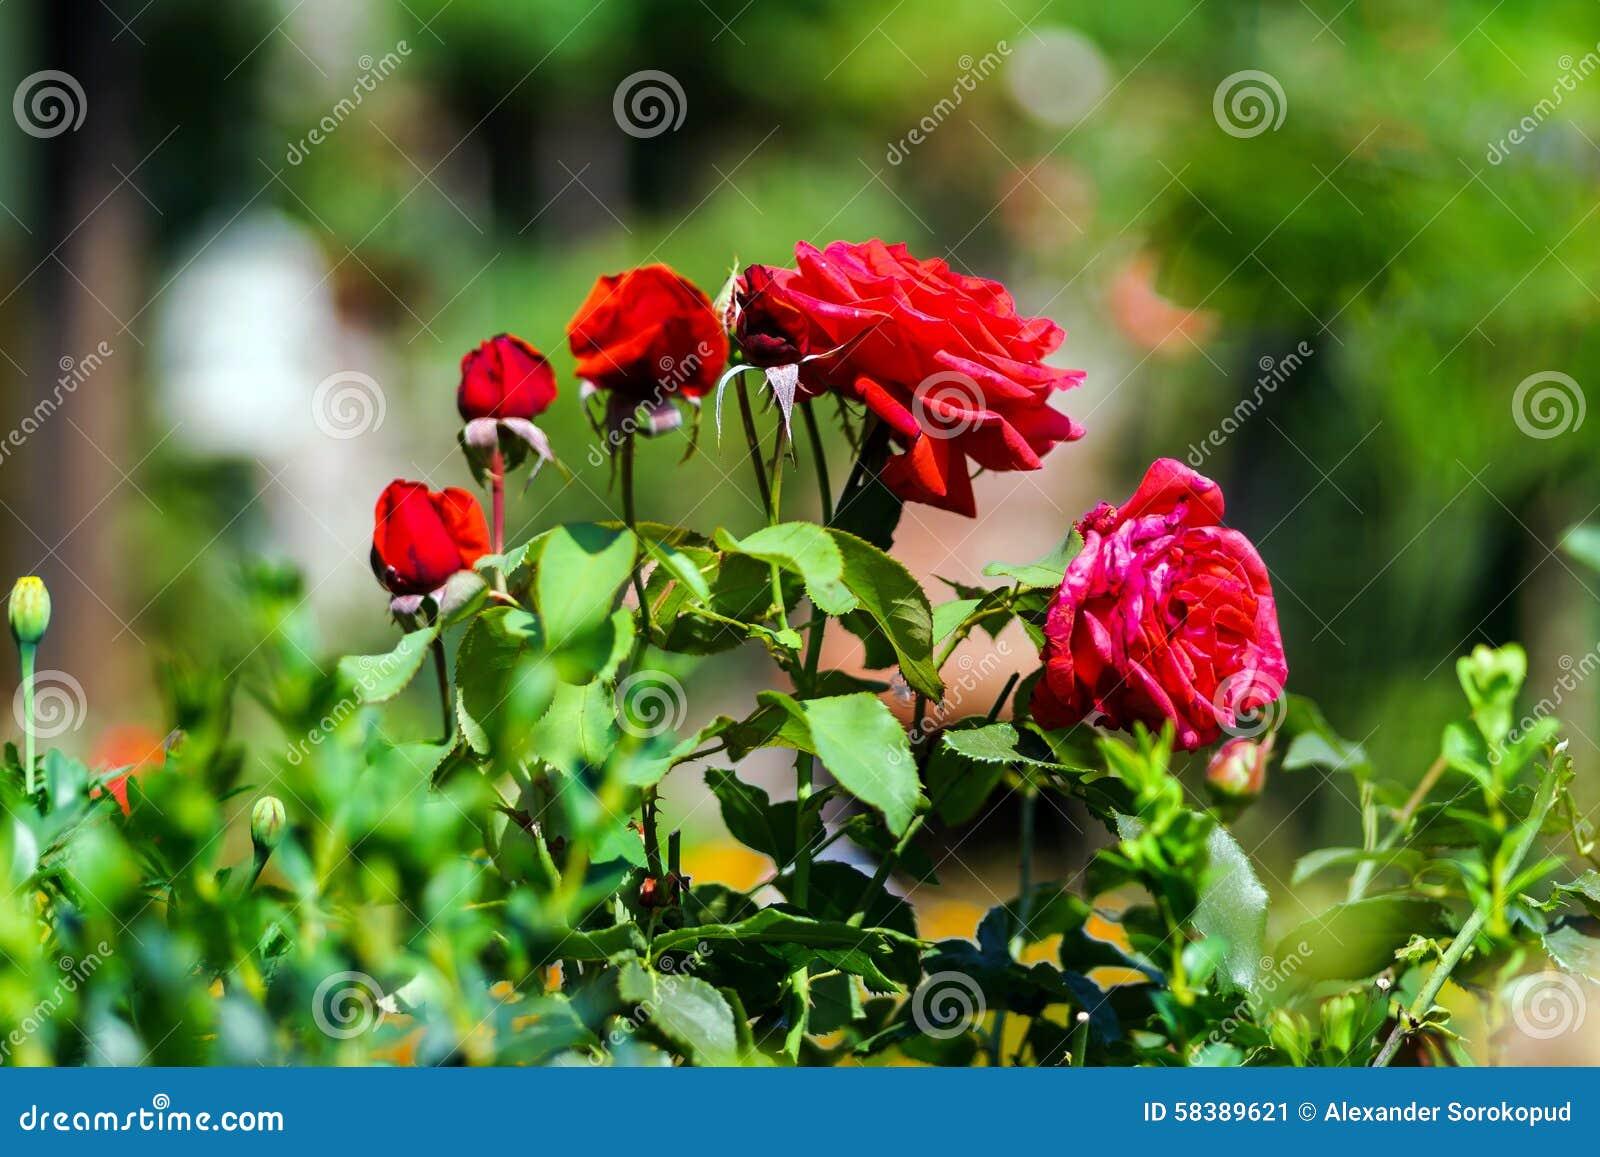 Beautiful natural flowers in private garden stock image image of beautiful natural flowers in private garden izmirmasajfo